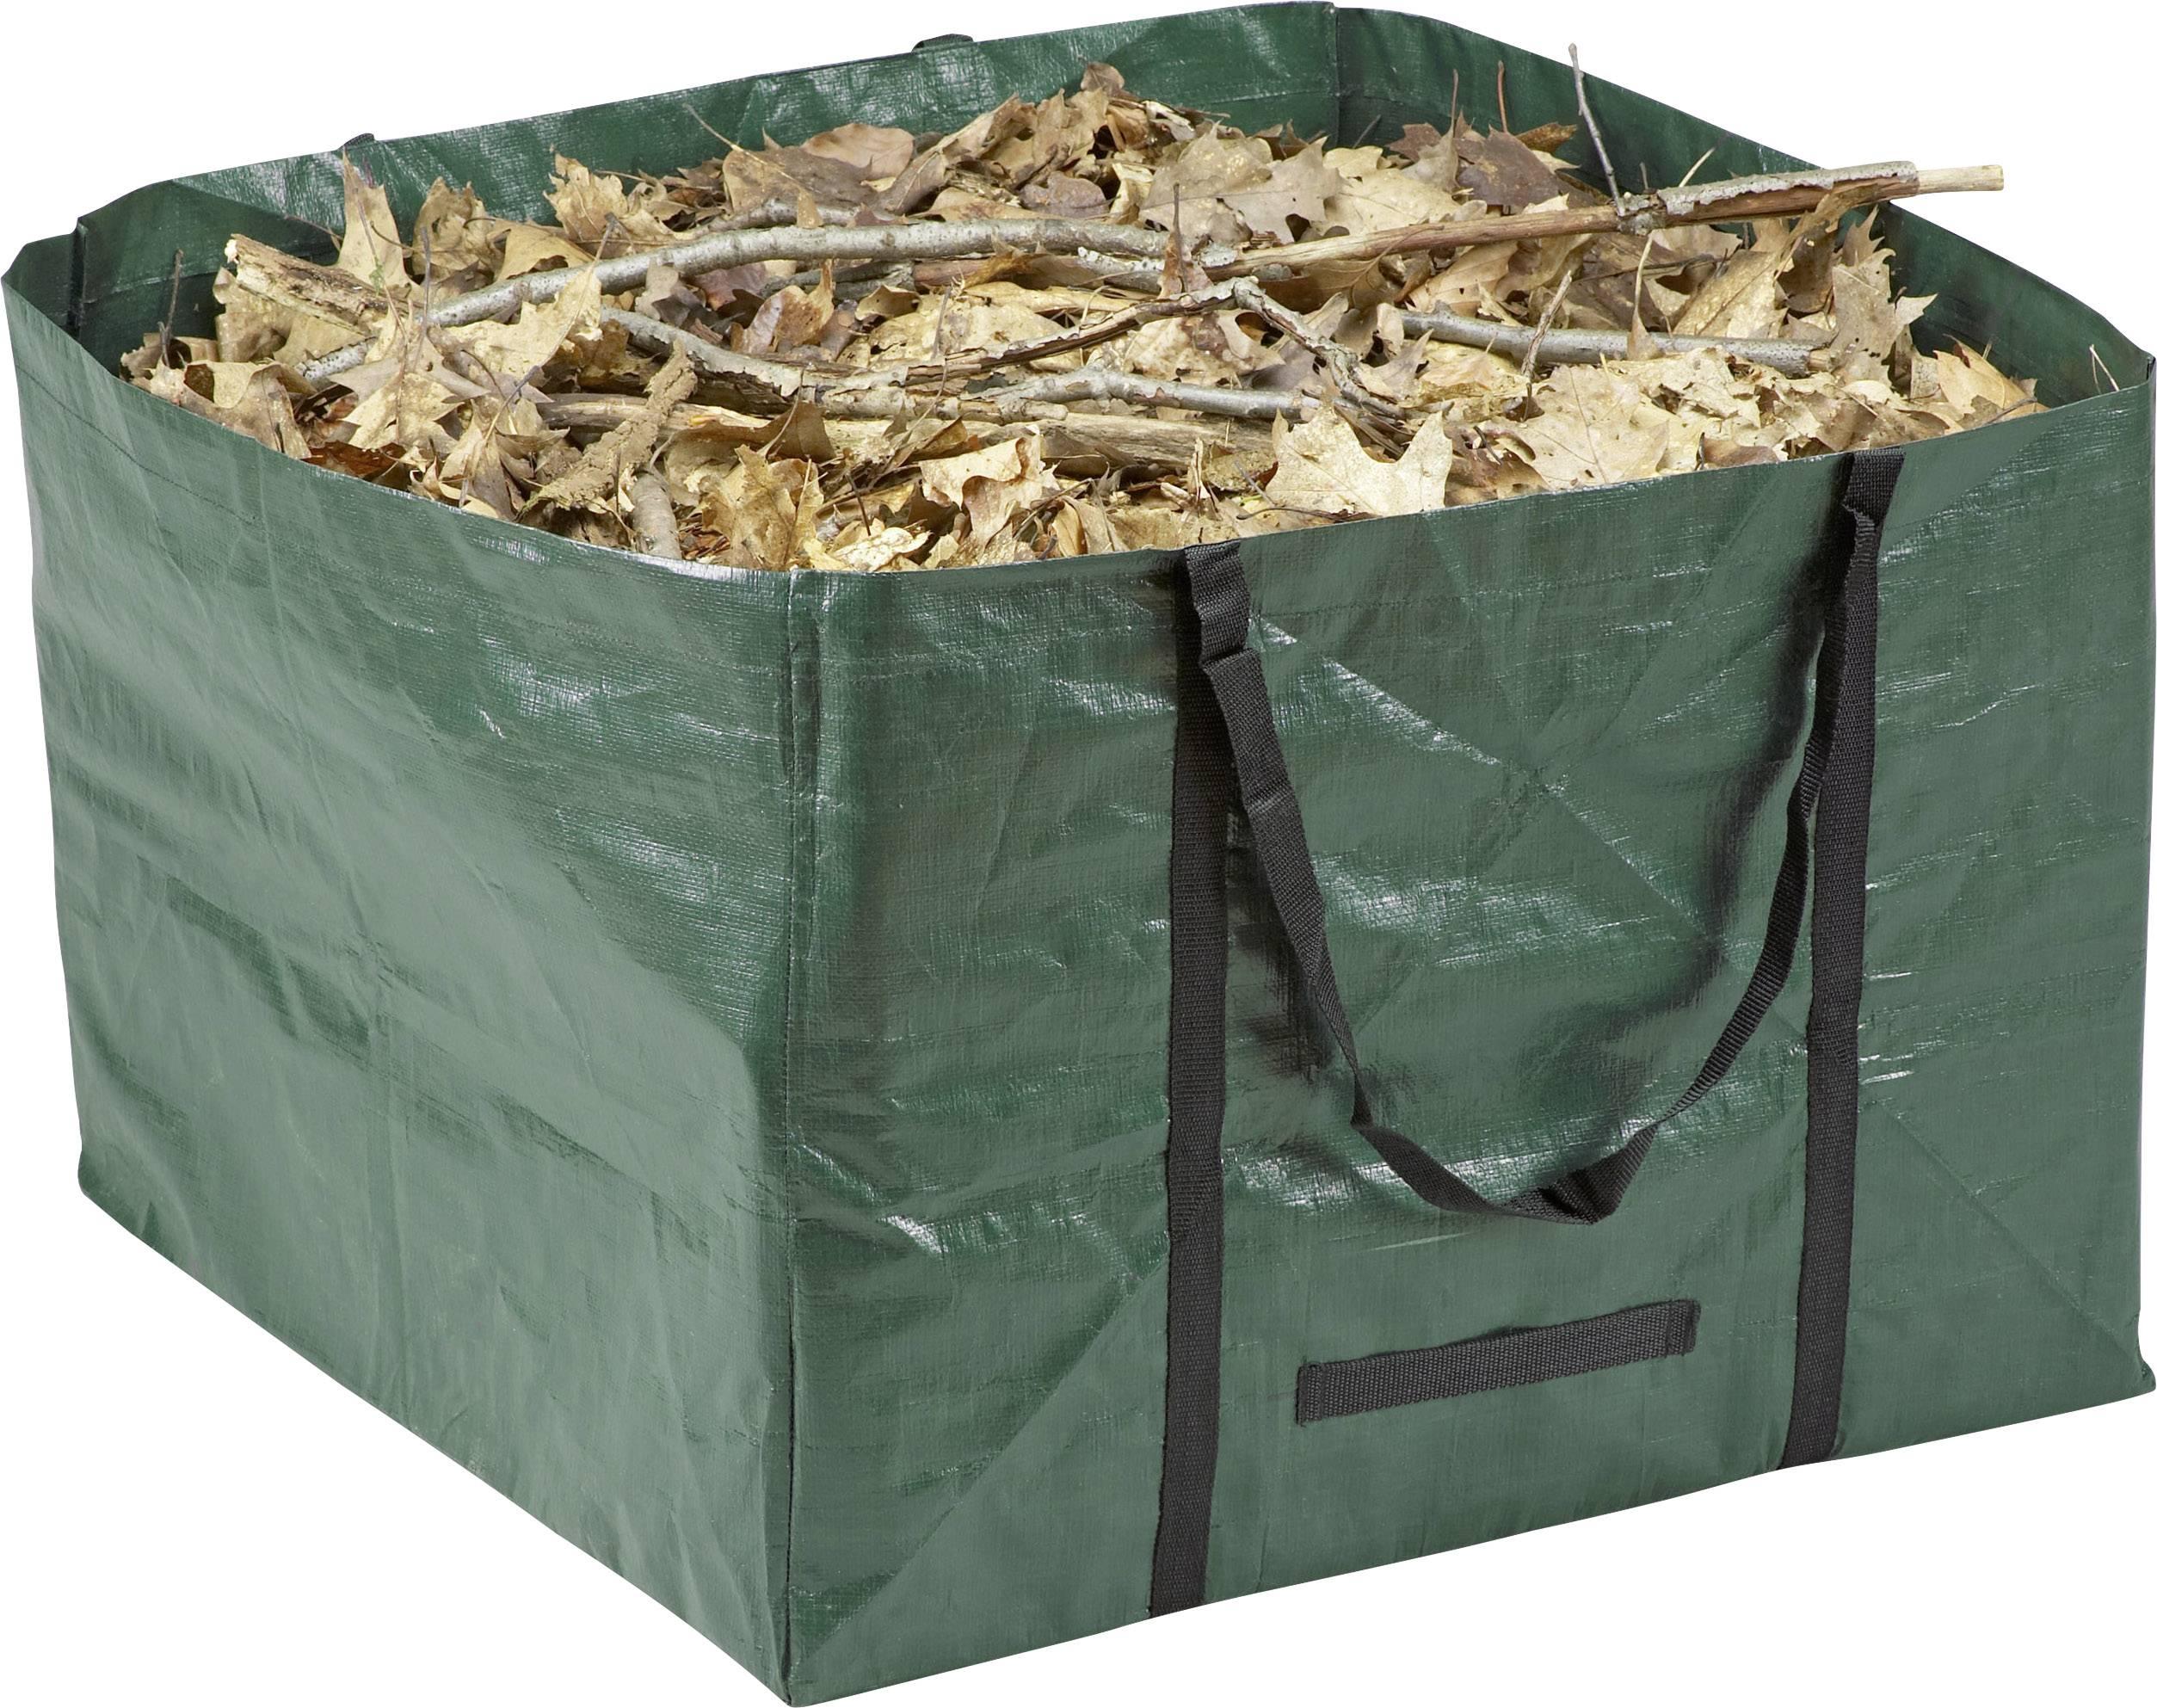 Zahradní pytel na odpad Meister Werkzeuge 9960990, 245 l, tmavě zelená